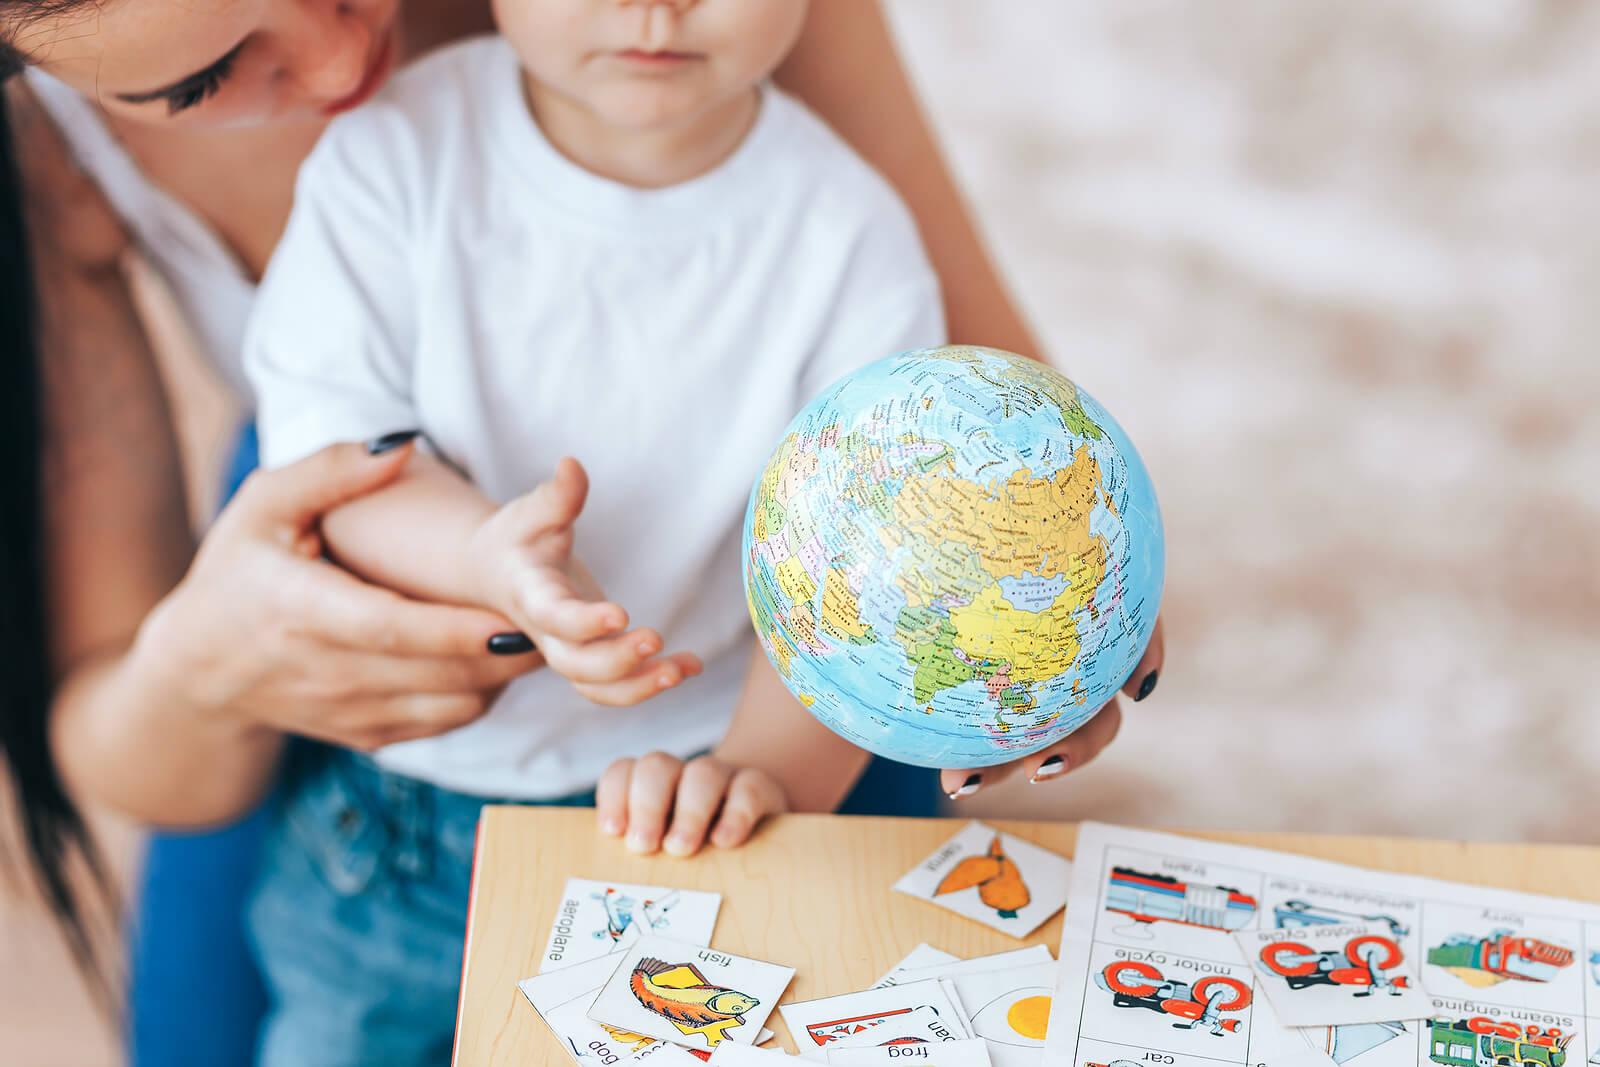 Los padres atentos son la clave del éxito de los hijos, como esta madre con su pequeño y la bola del mundo.